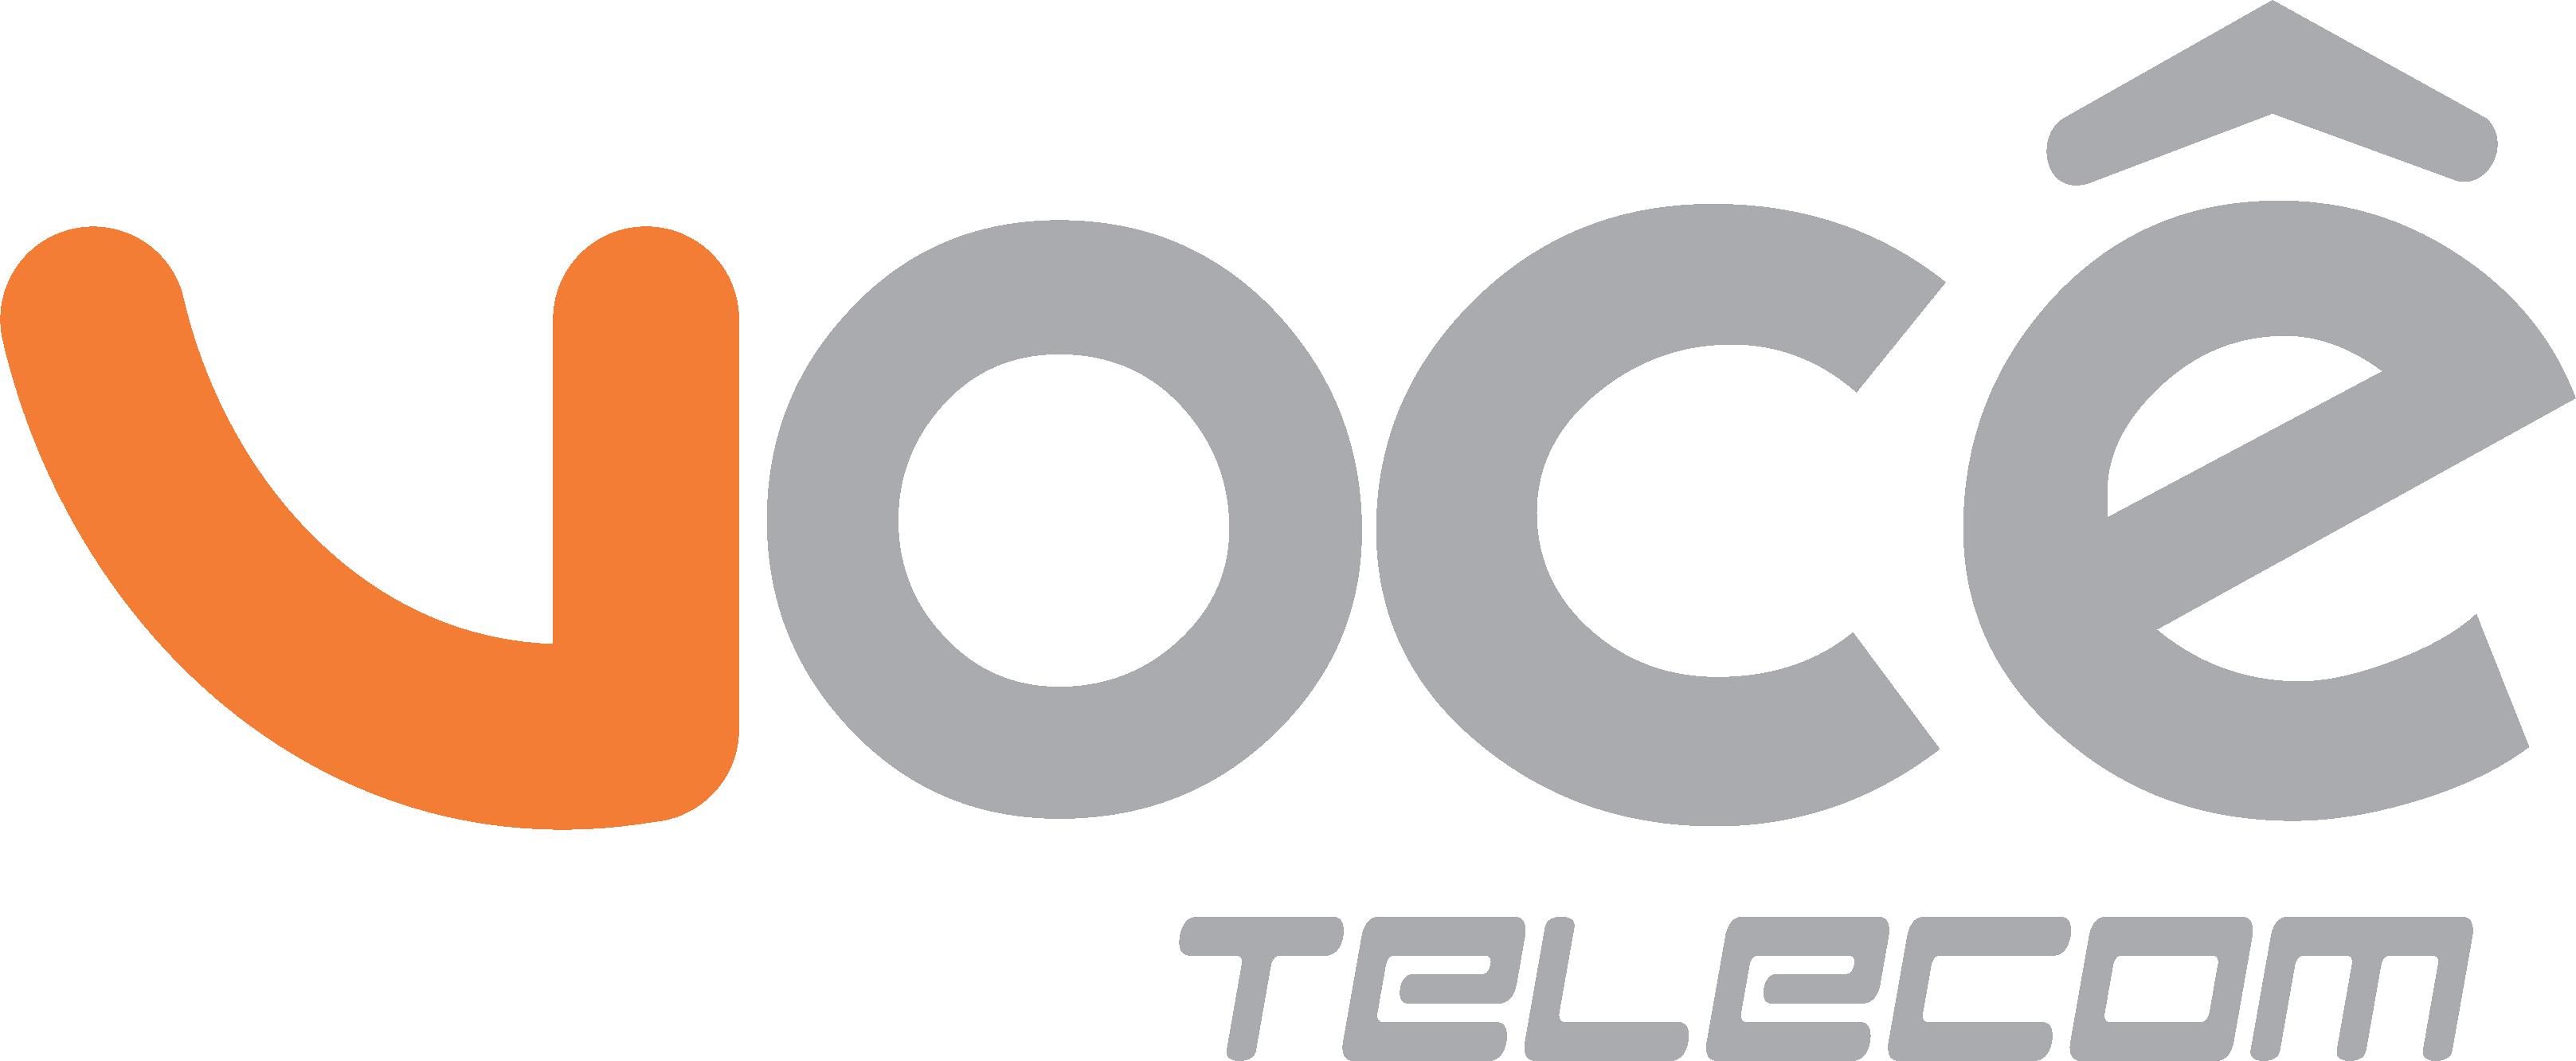 Você Telecom se pronuncia sobre interrupção de sinal e anuncia novidades para assinantes